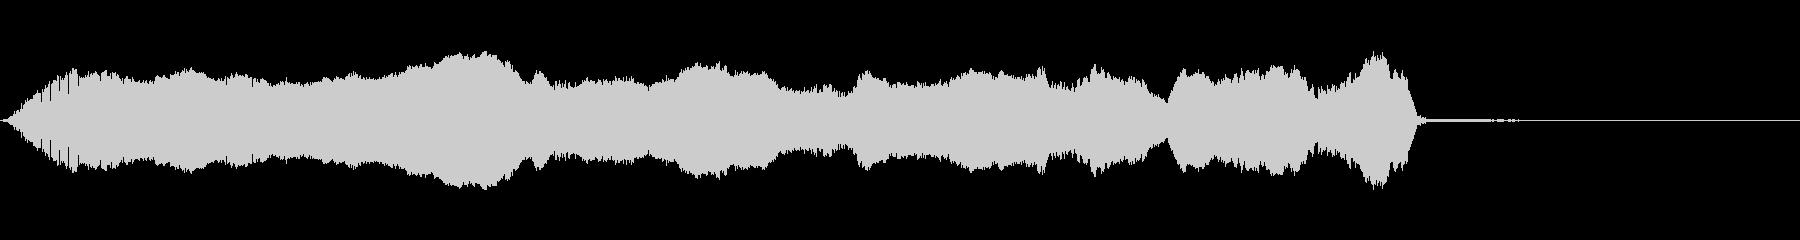 バイオリン:ロングスライドアップ、...の未再生の波形